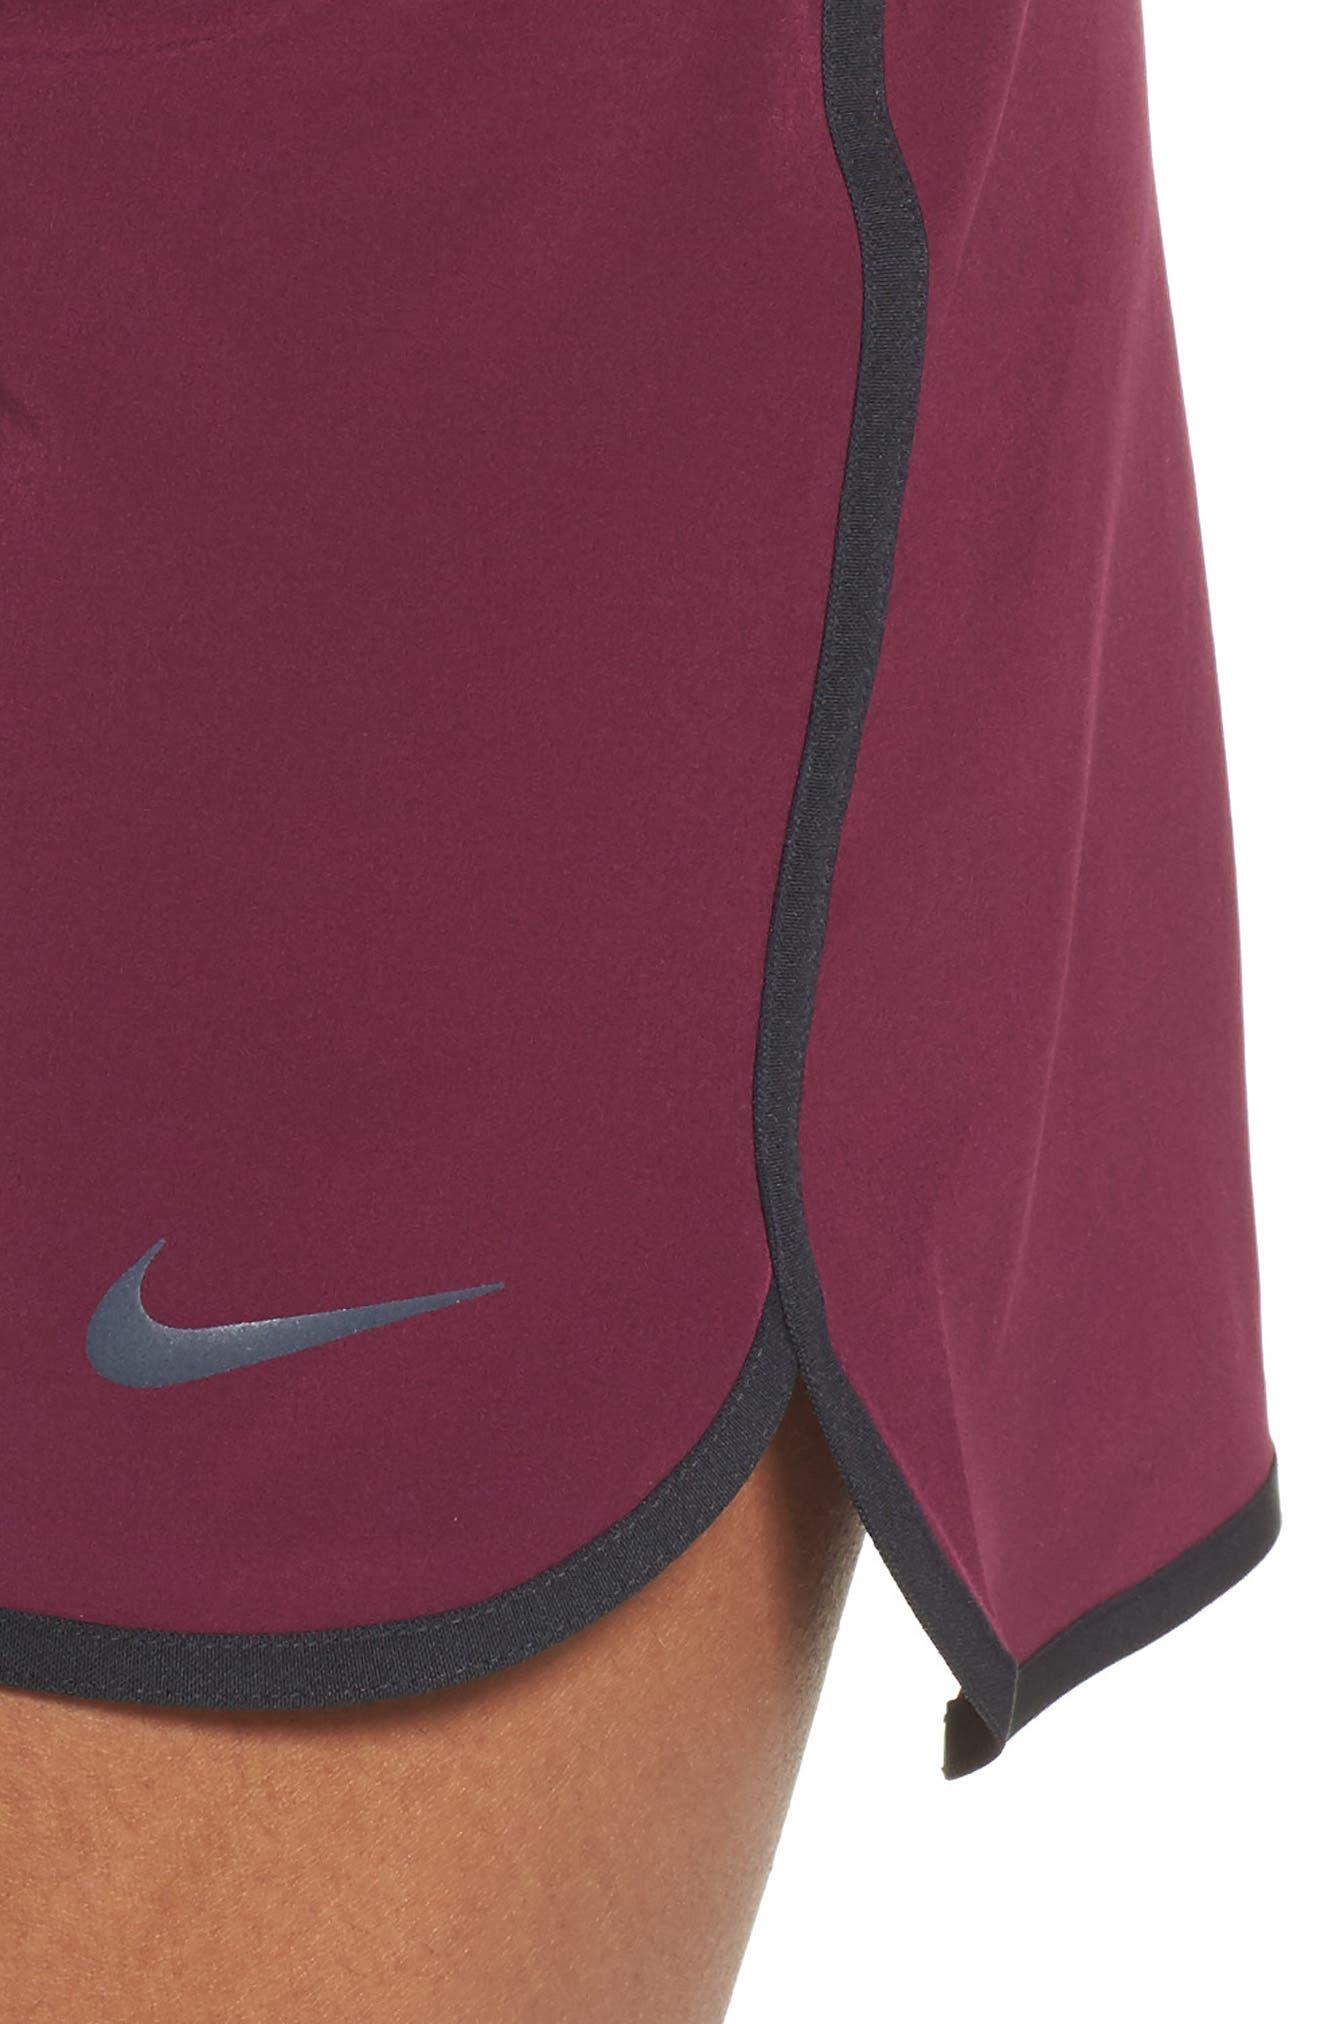 Flex Tennis Skirt,                             Alternate thumbnail 4, color,                             Burgundy